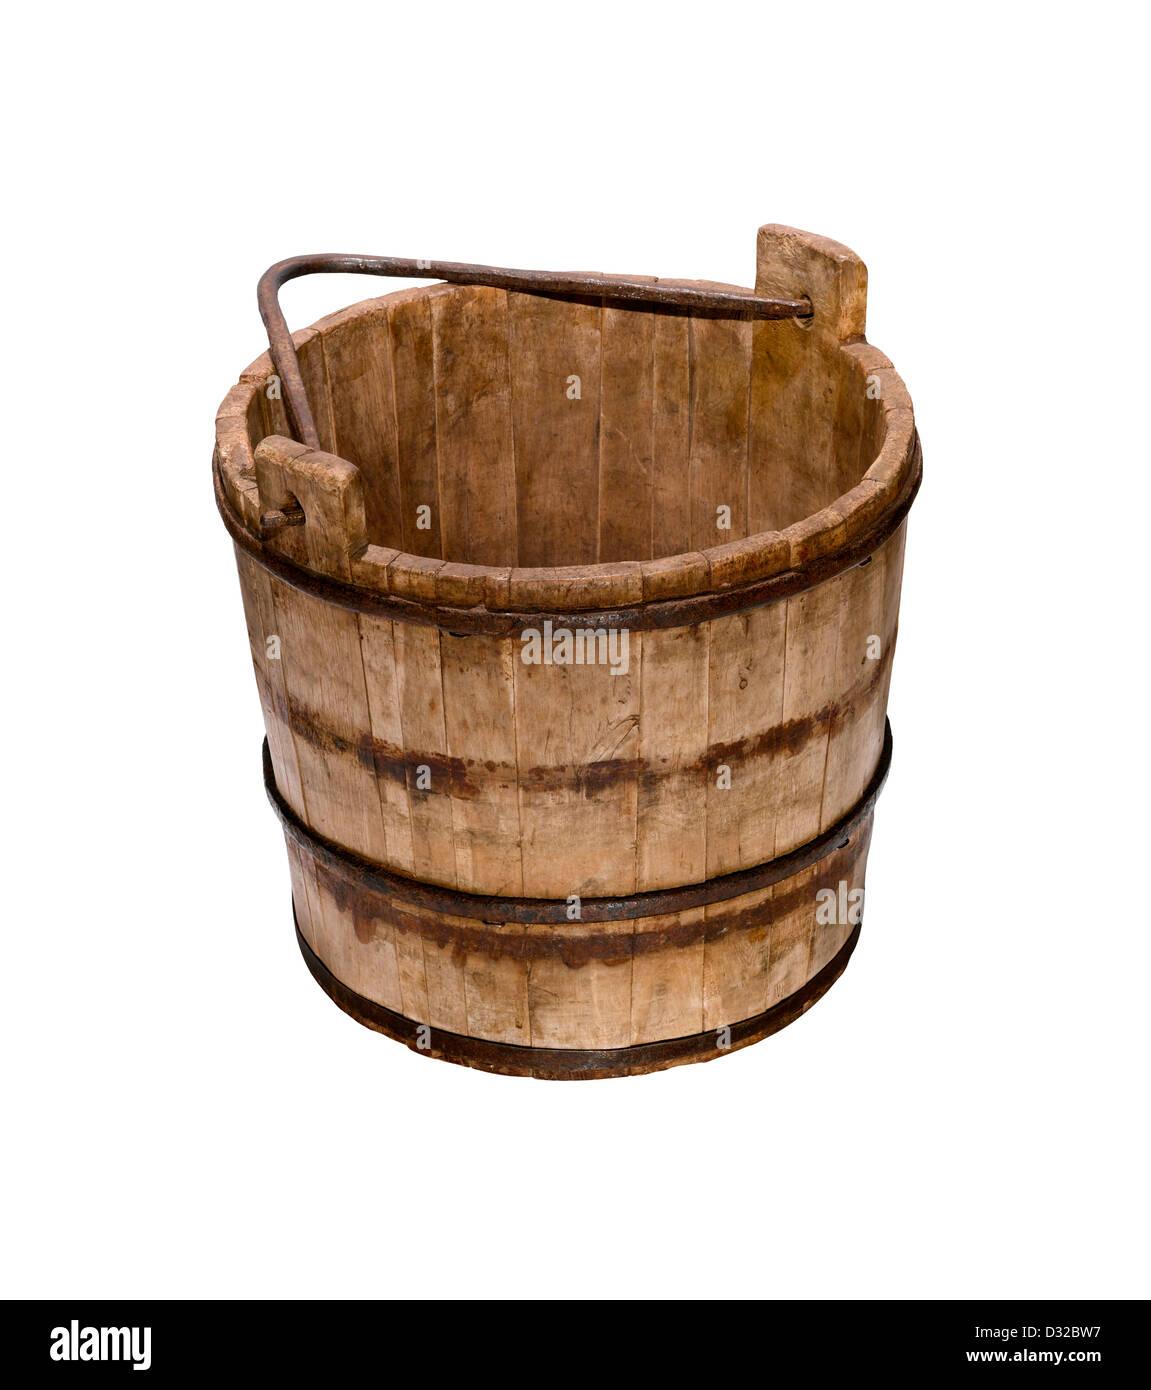 Eine alte altmodische Holzeimer oder Eimer mit dem Griff nach unten Stockfoto